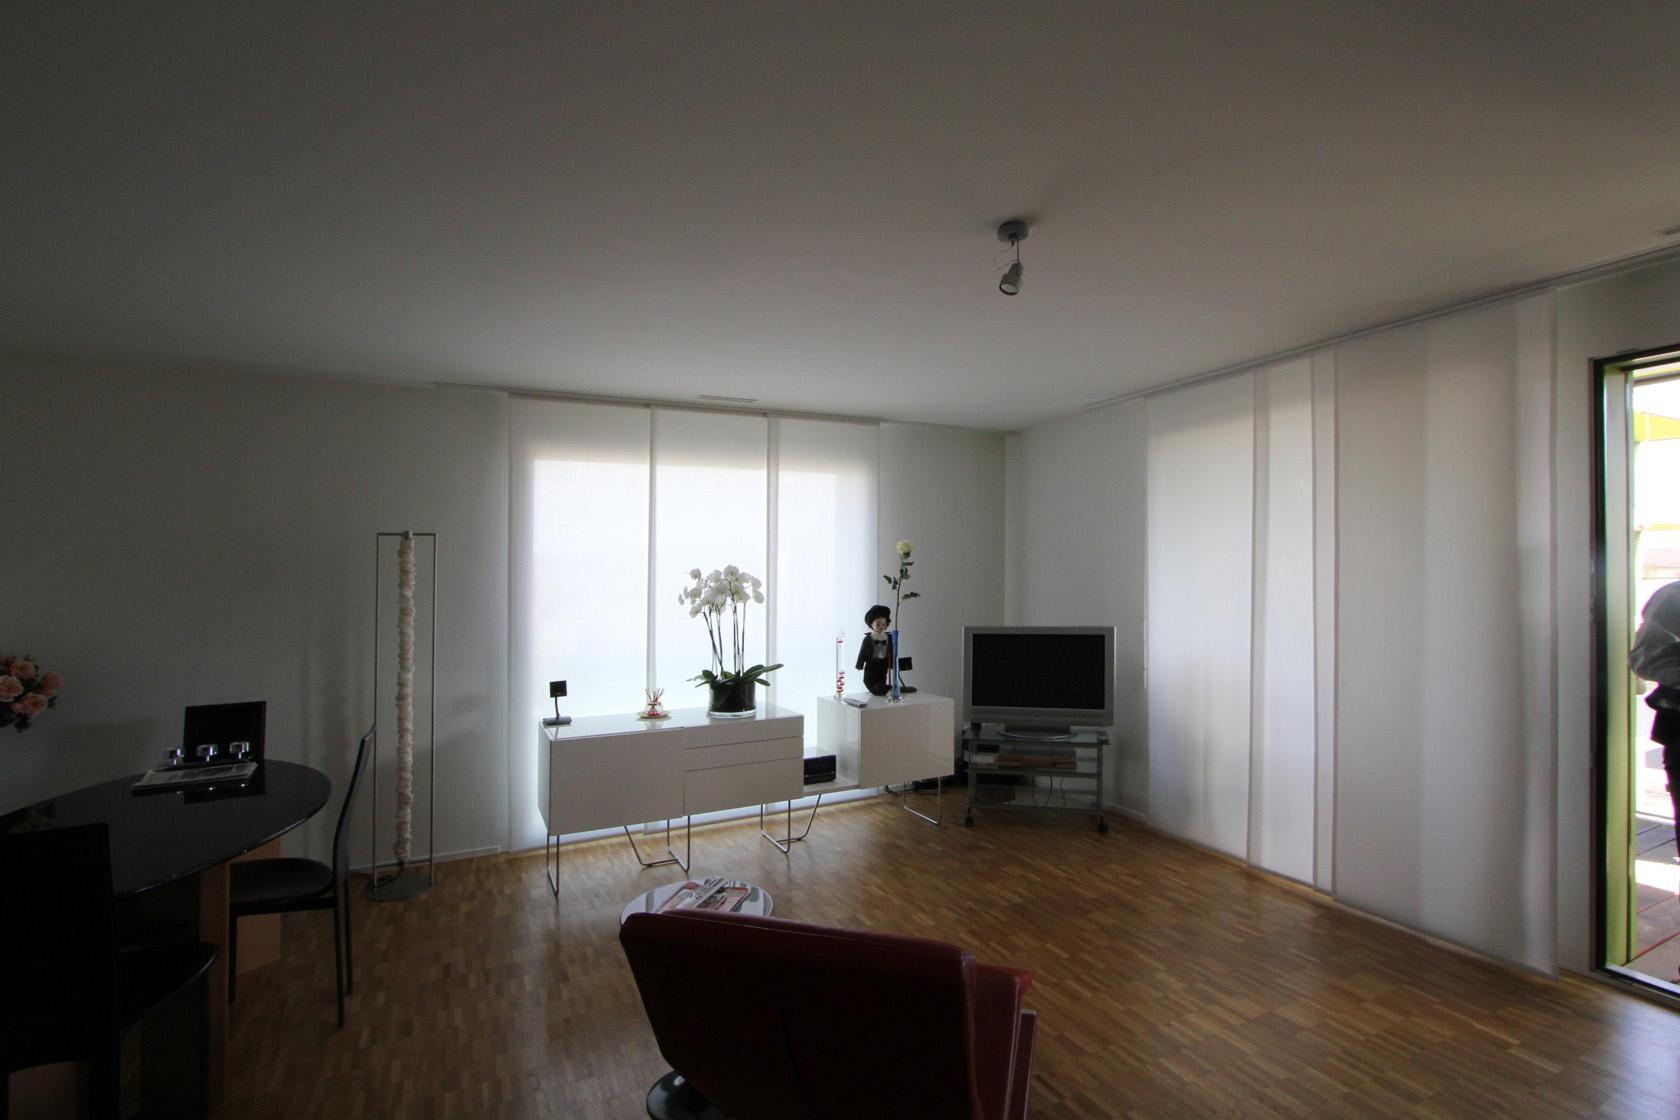 ミネルギハウスP:チューリッヒの4・5階建て木造集合住宅 2_e0054299_10121371.jpg